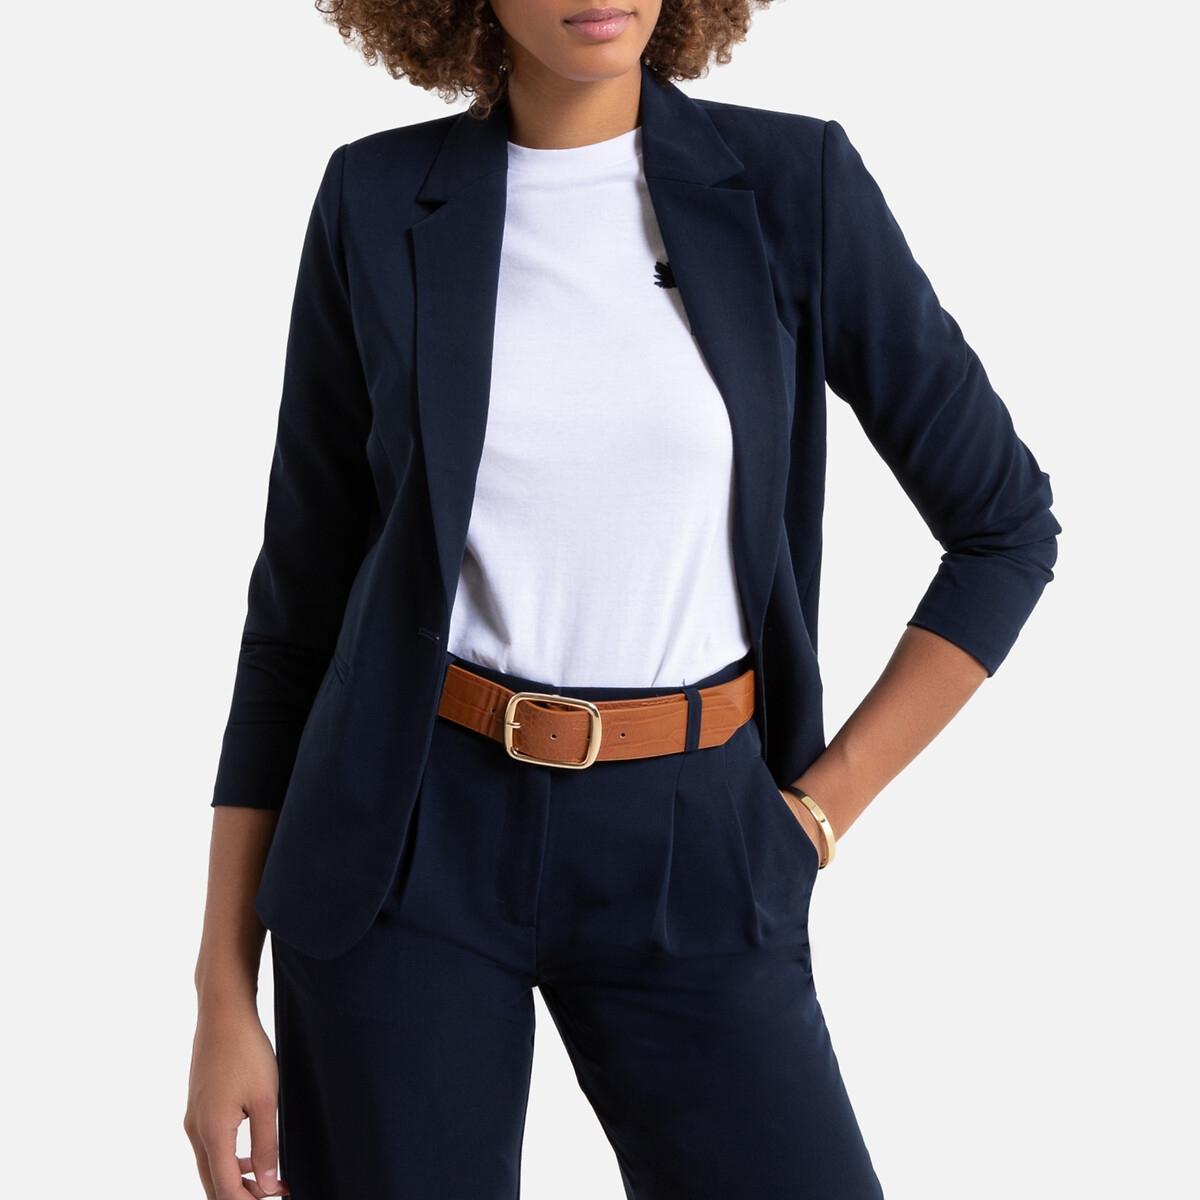 Фото - Жакет LaRedoute Прямого покроя 36 (FR) - 42 (RUS) синий юбка laredoute джинсовая прямого покроя xs синий